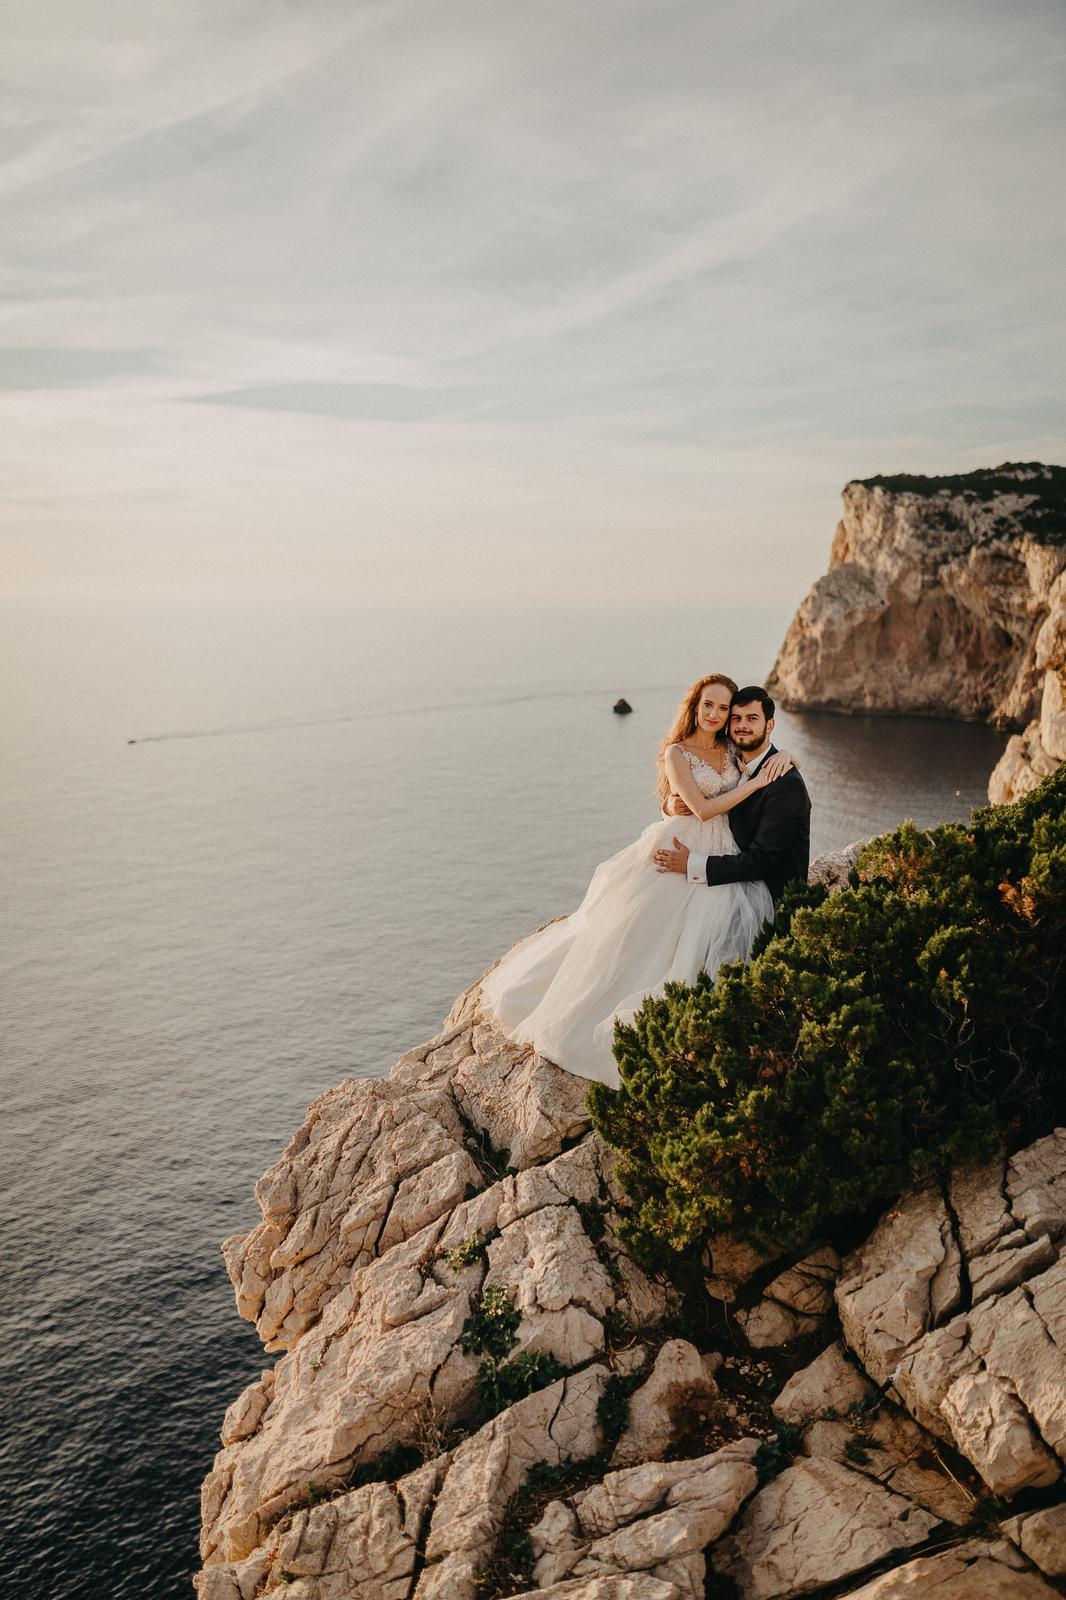 Naše svadobné fotenie na Sardínii - Obrázok č. 84